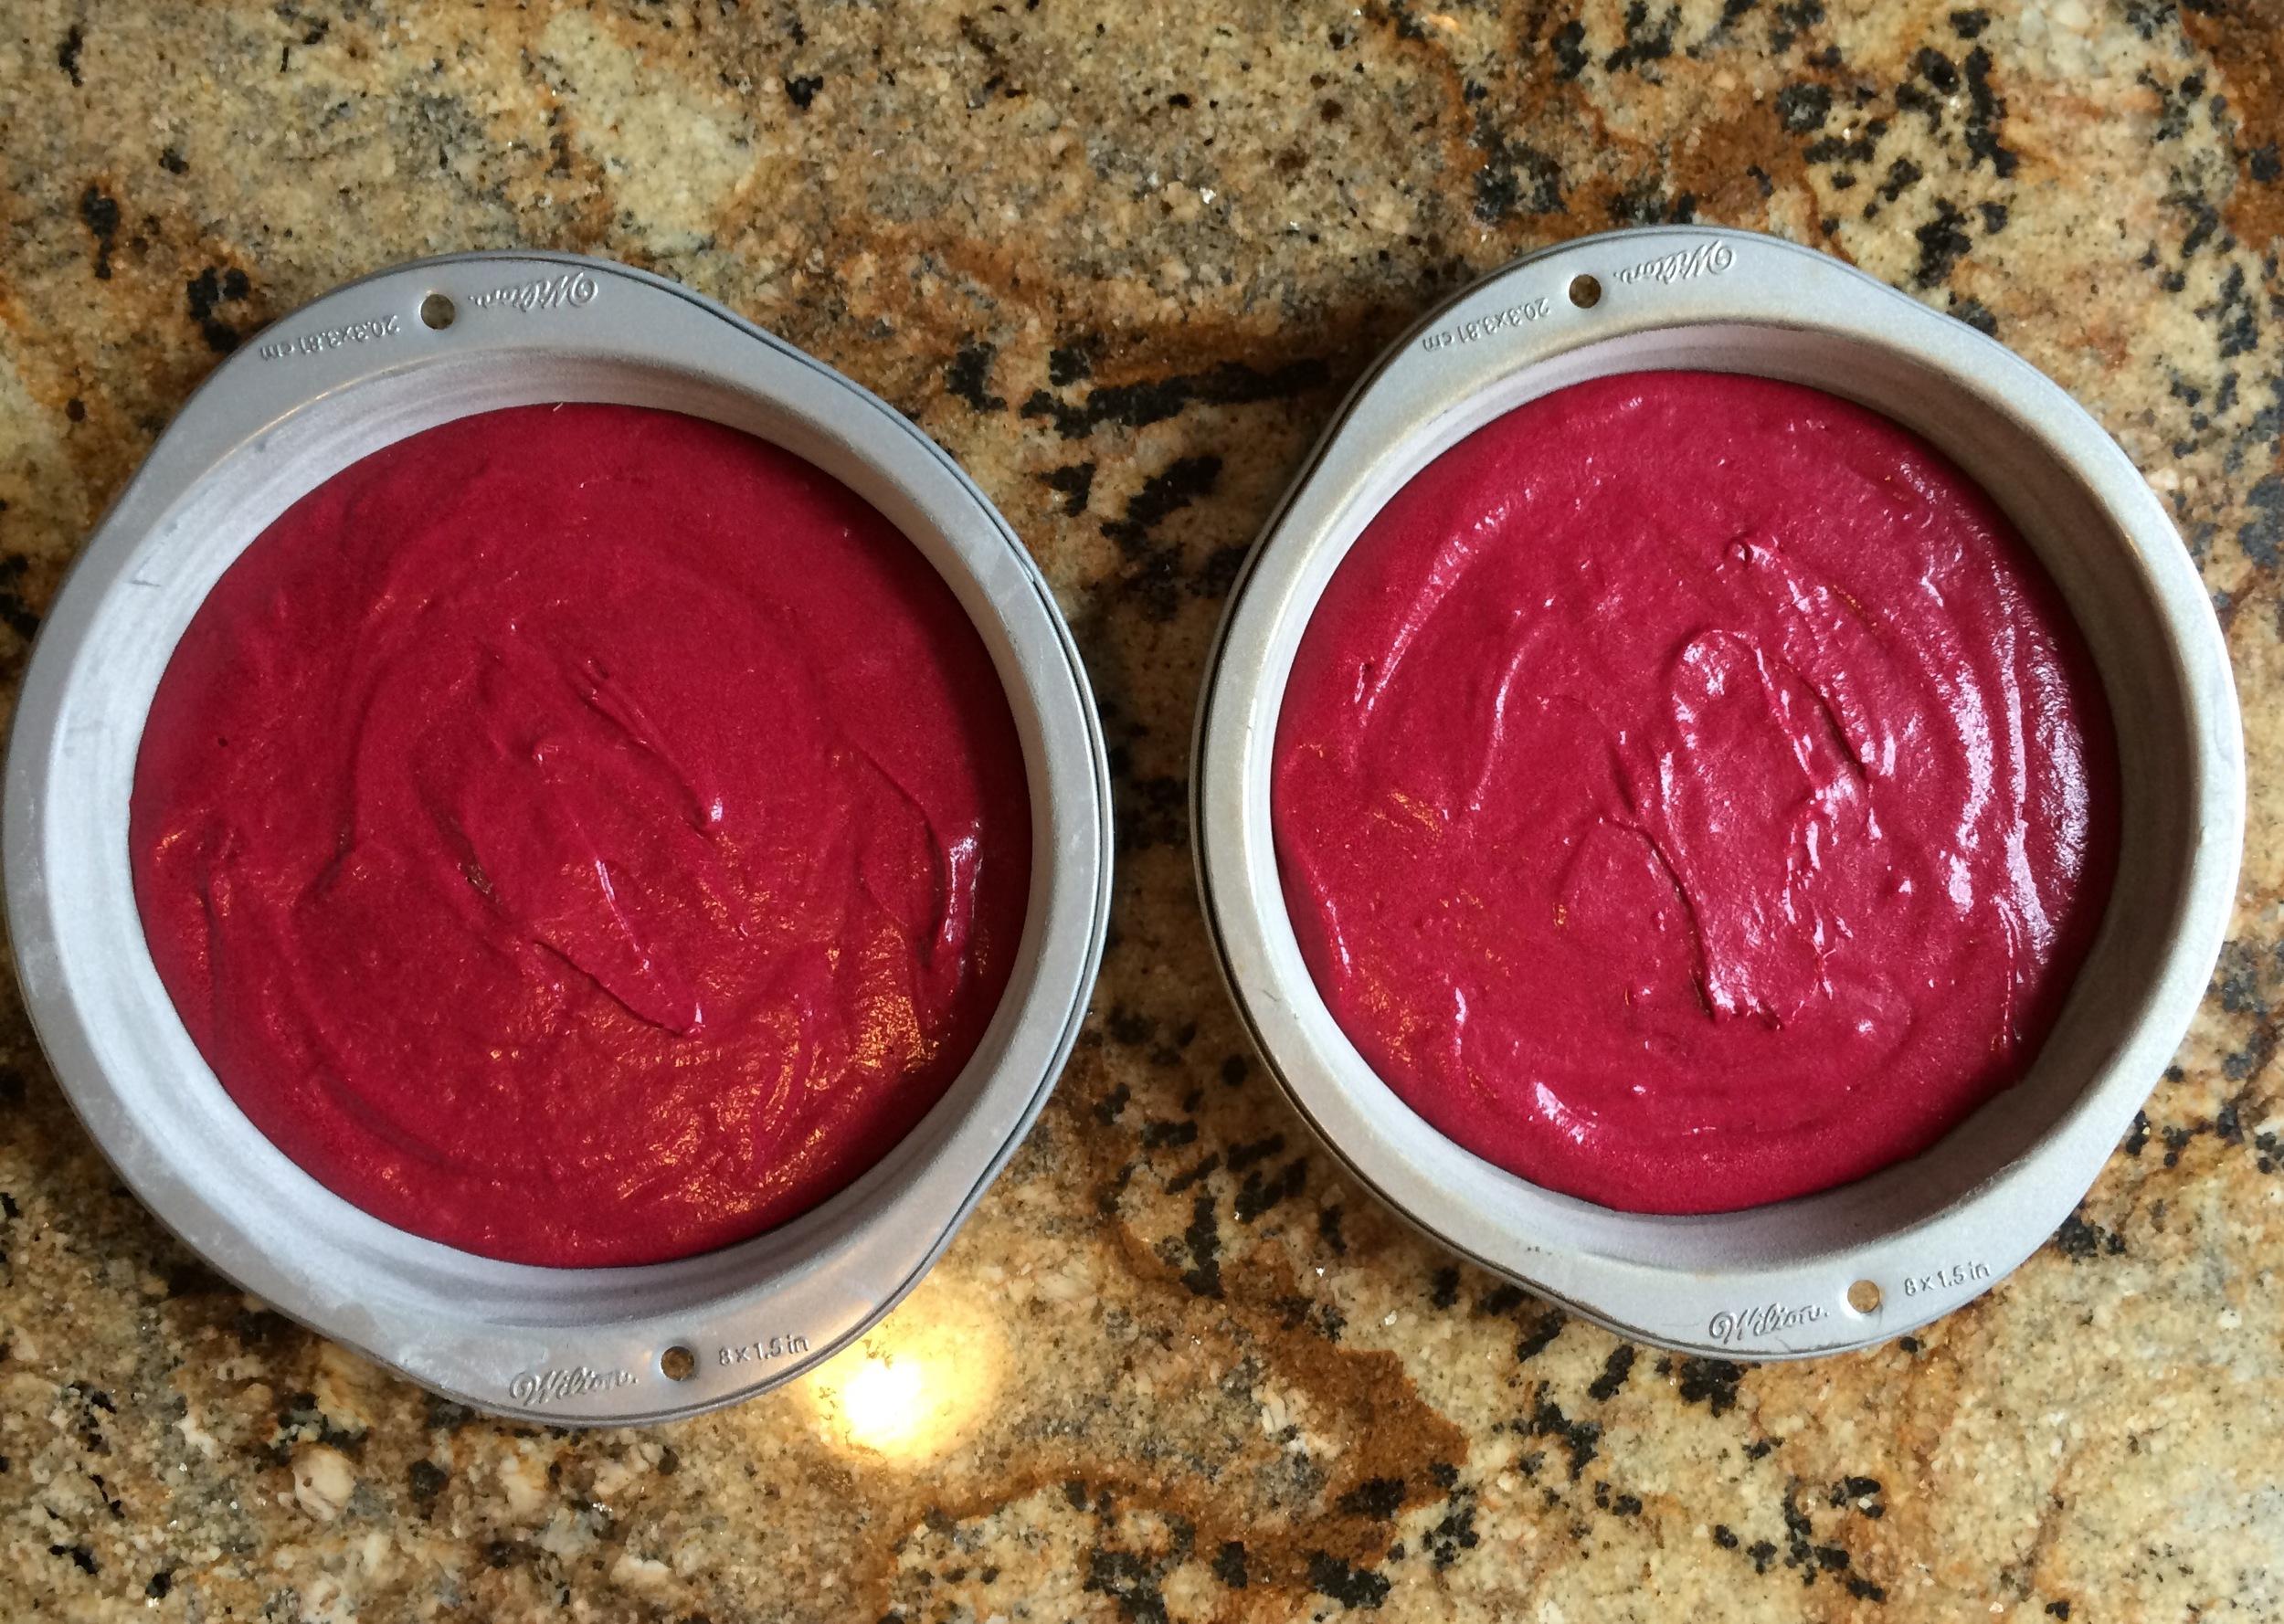 Red velvet ready for the oven